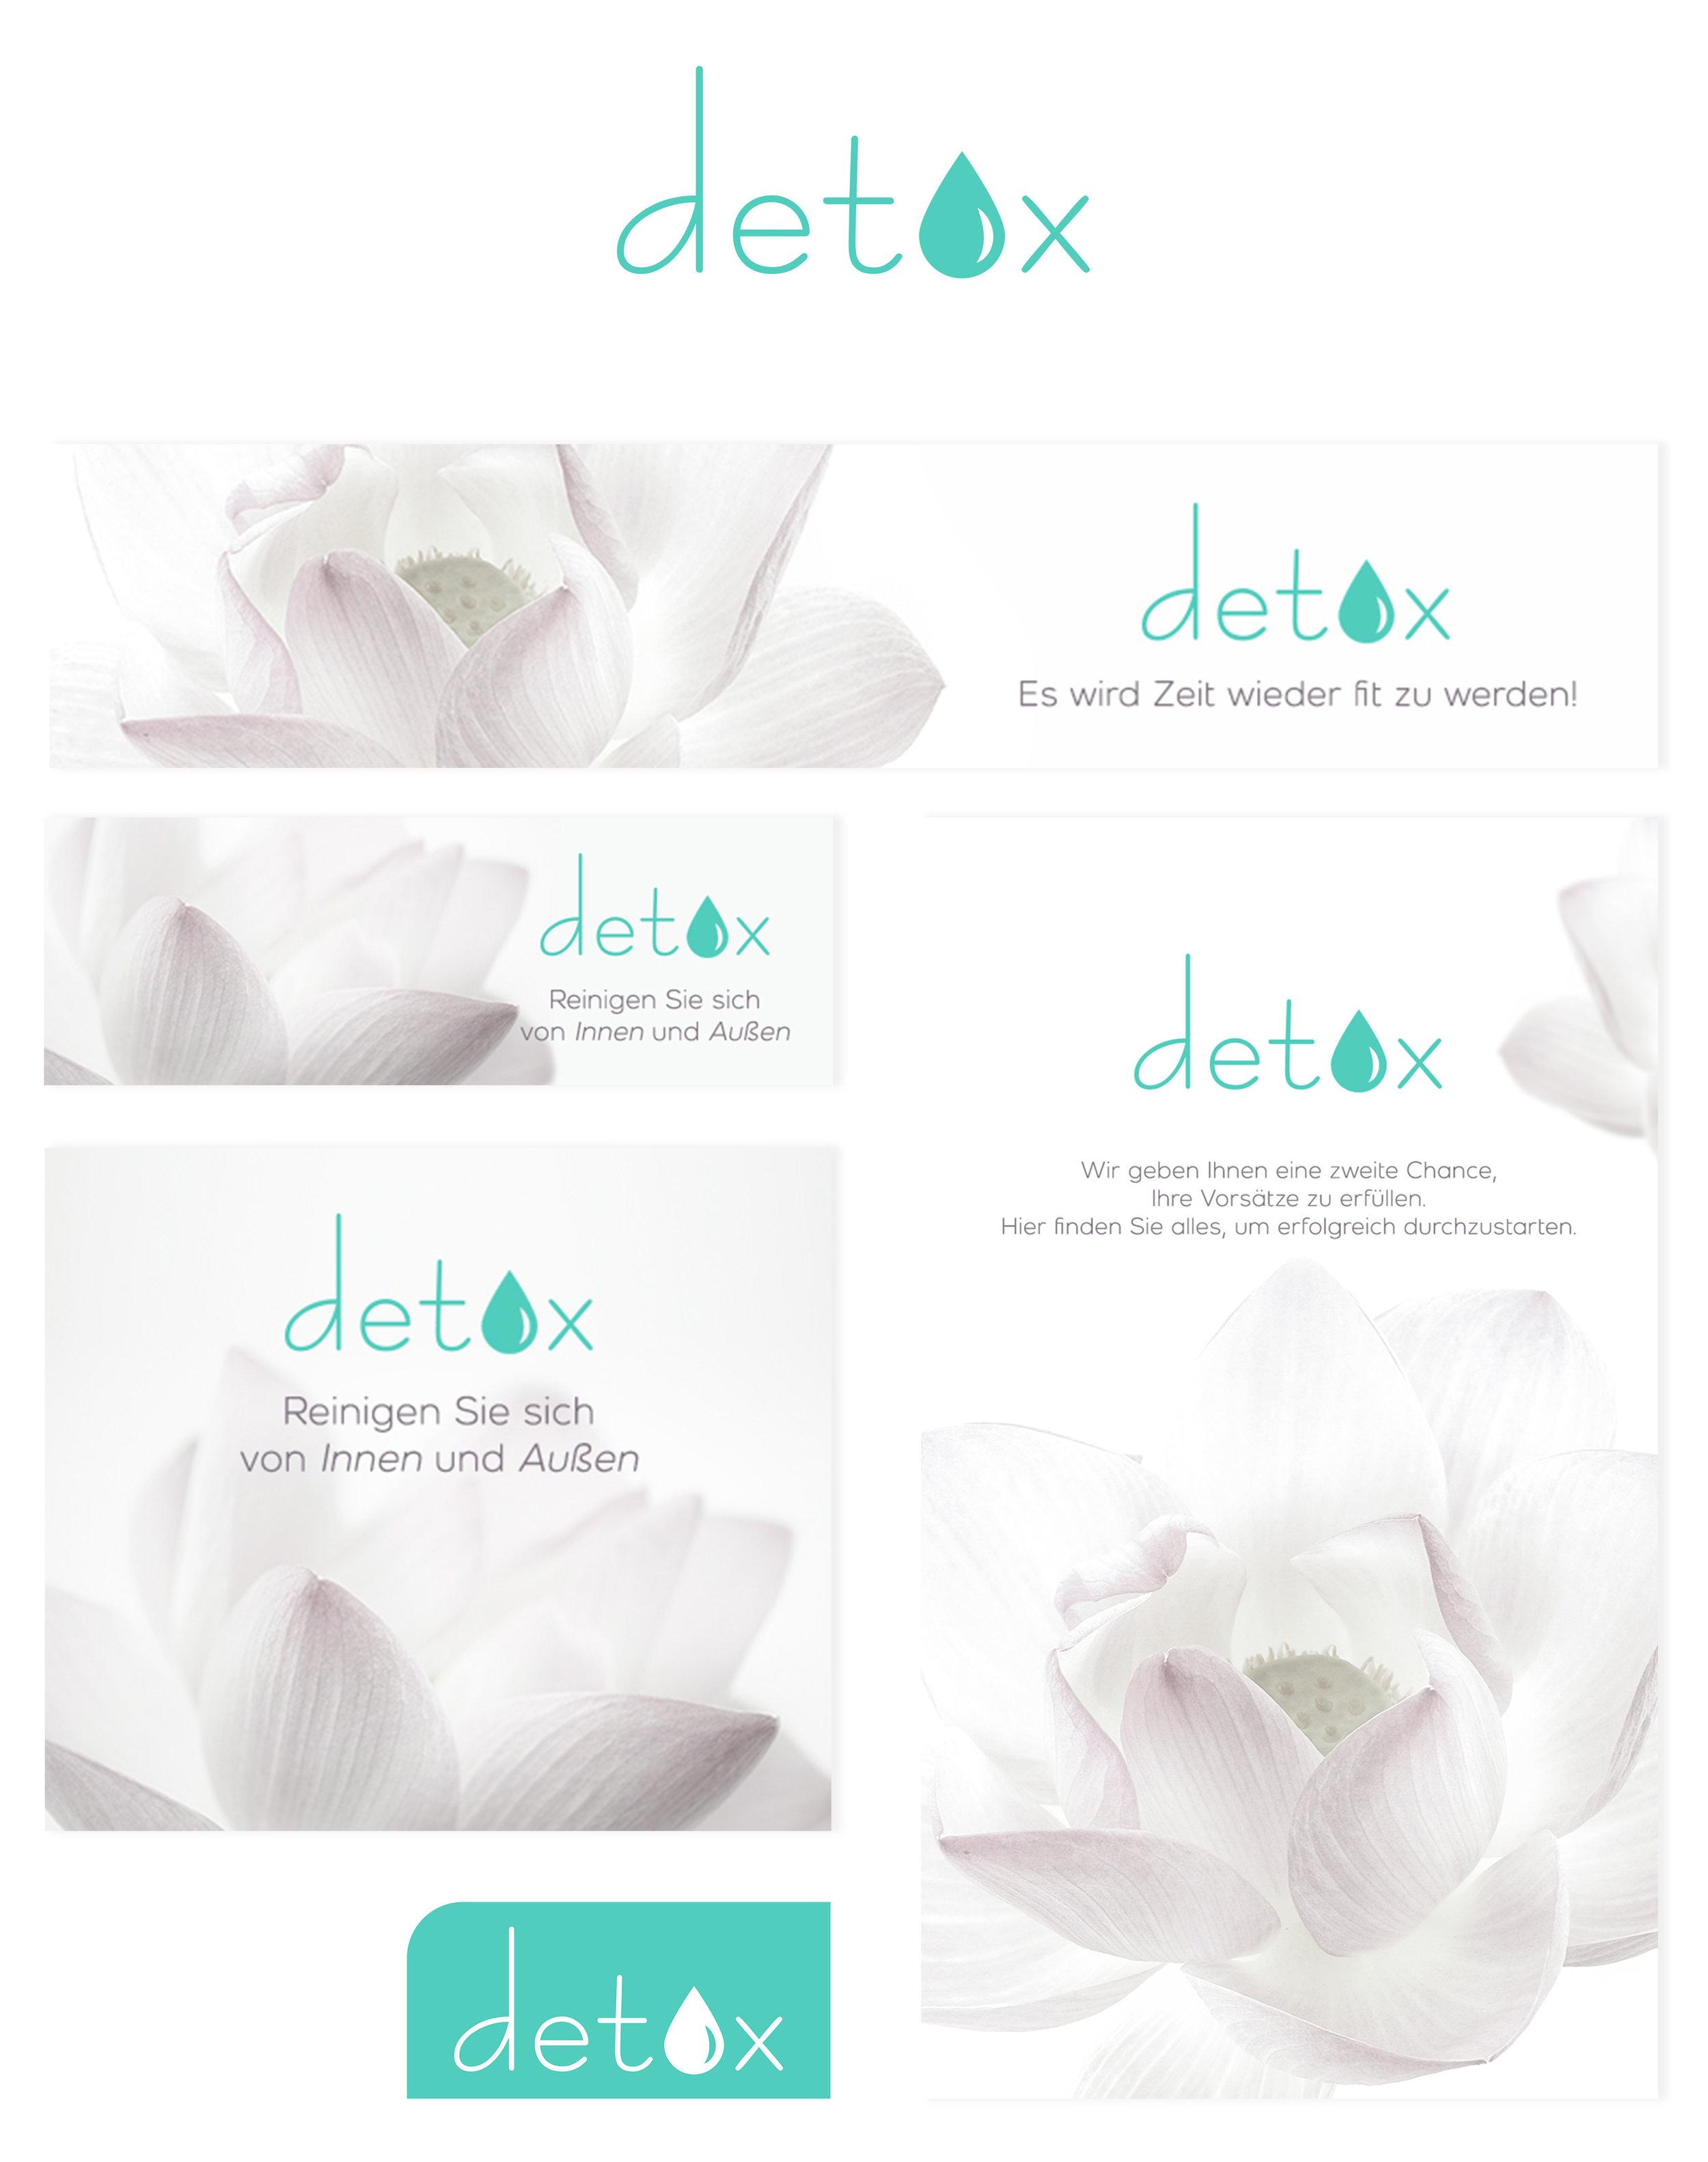 Detox Veepee B2c Sales Priya Ravi Design